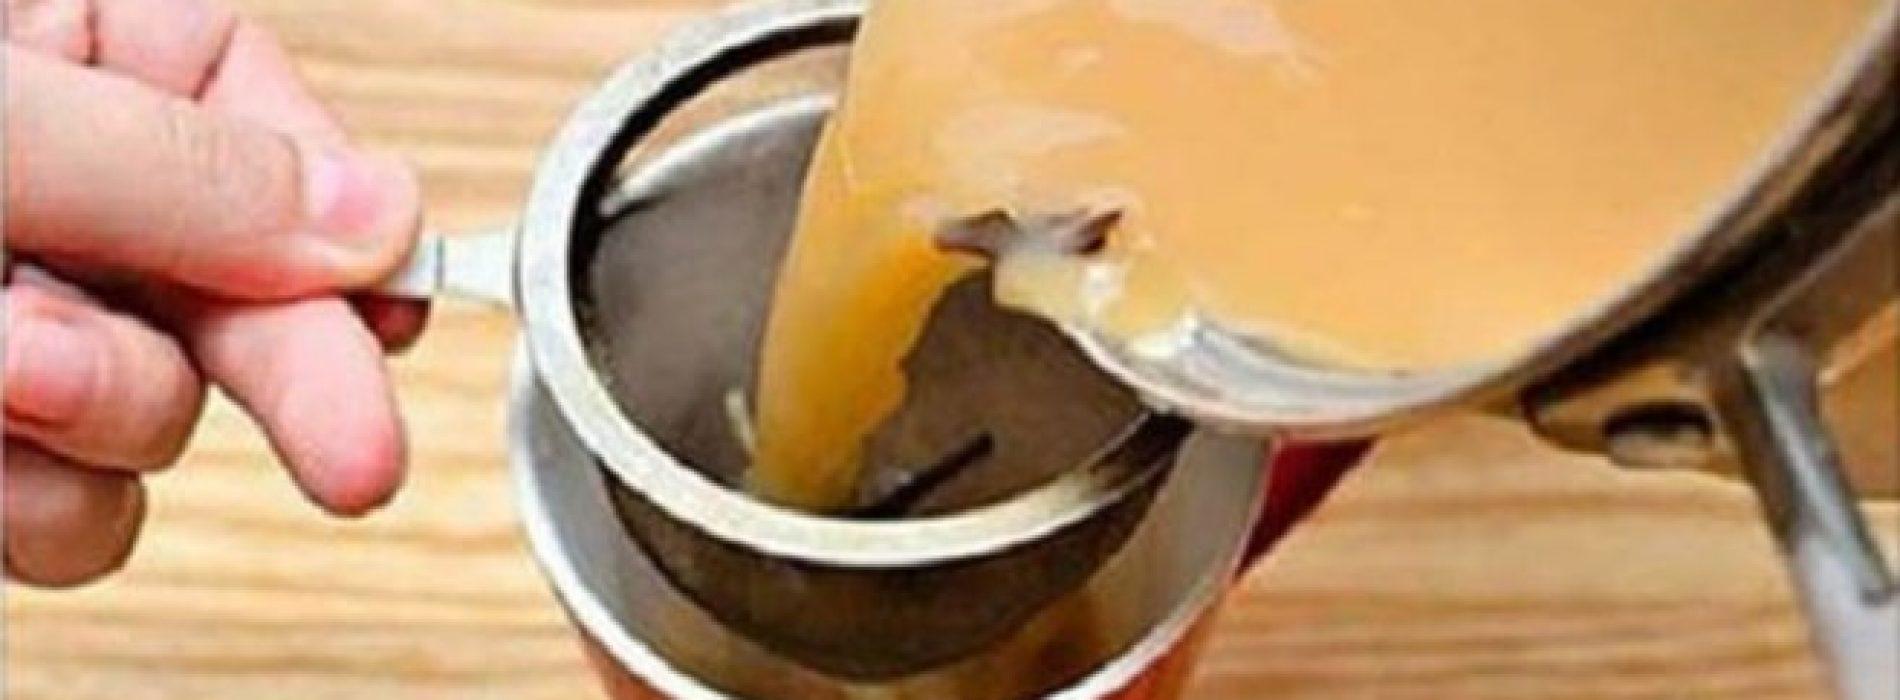 Deze thee helpt enorm goed tegen nierstenen en reinigt de nieren optimaal!